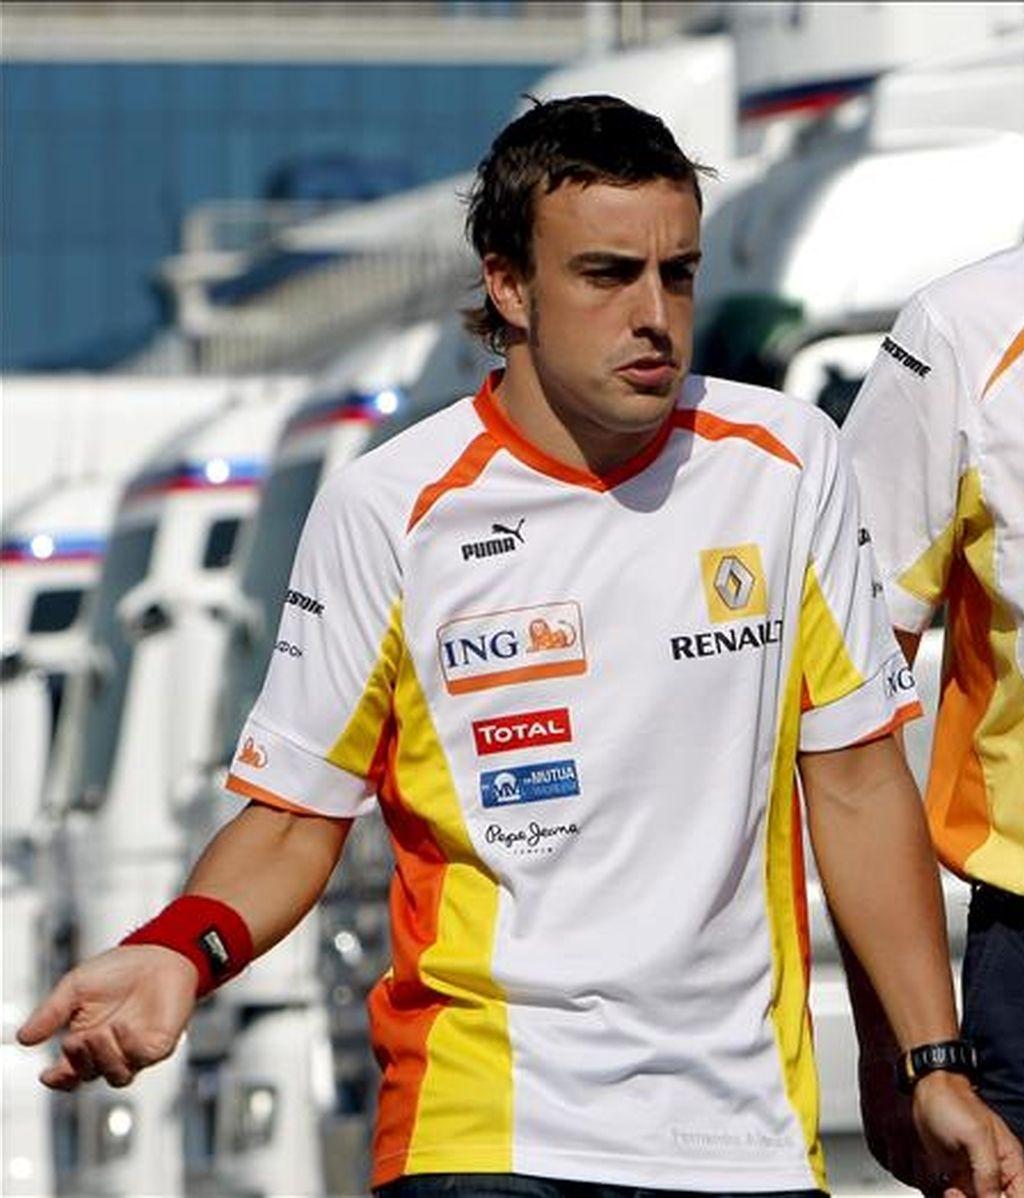 """El piloto español Fernando Alonso reiteró su confianza en el equipo Renault a seis días del Gran Premio de Gran Bretaña pero advirtió que """"hay que ser realistas"""" con respecto a las posibilidades en el presente Mundial de Fórmula uno. EFE/Archivo"""